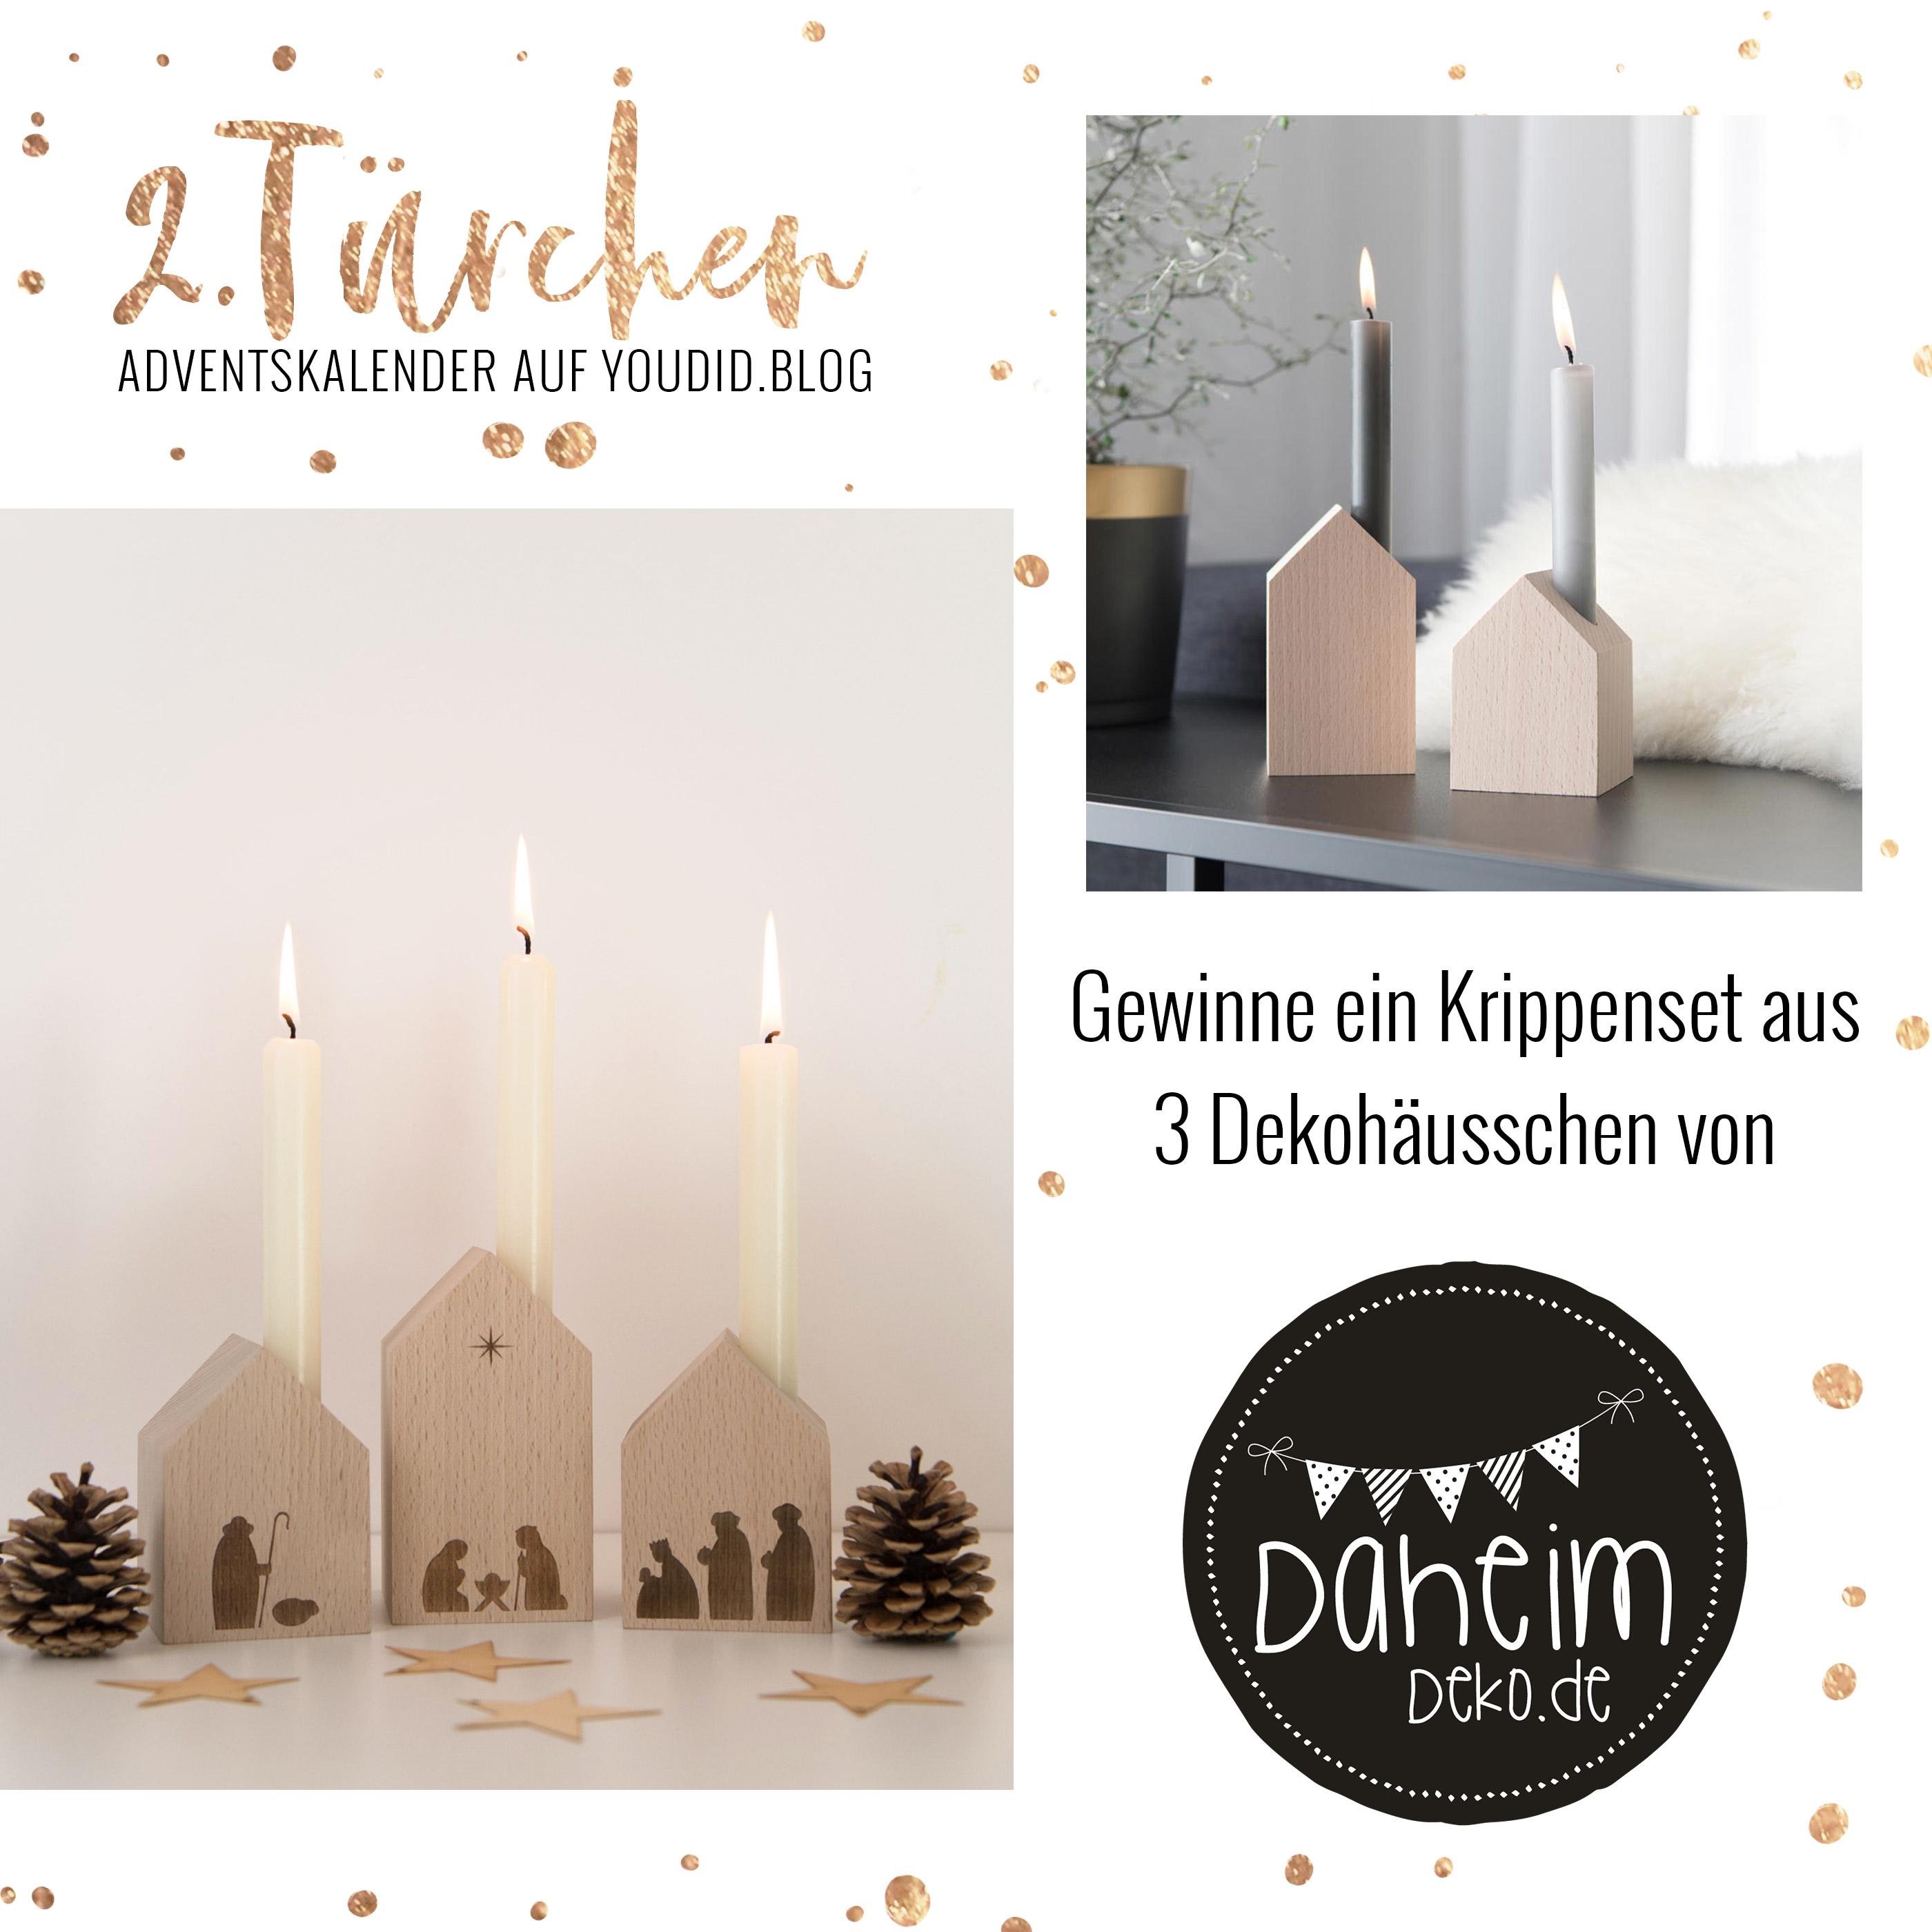 Gewinn Weihnachtskalender.2 Türchen Gewinne Eine Super Moderne Krippe Aus Holz Von Daheim